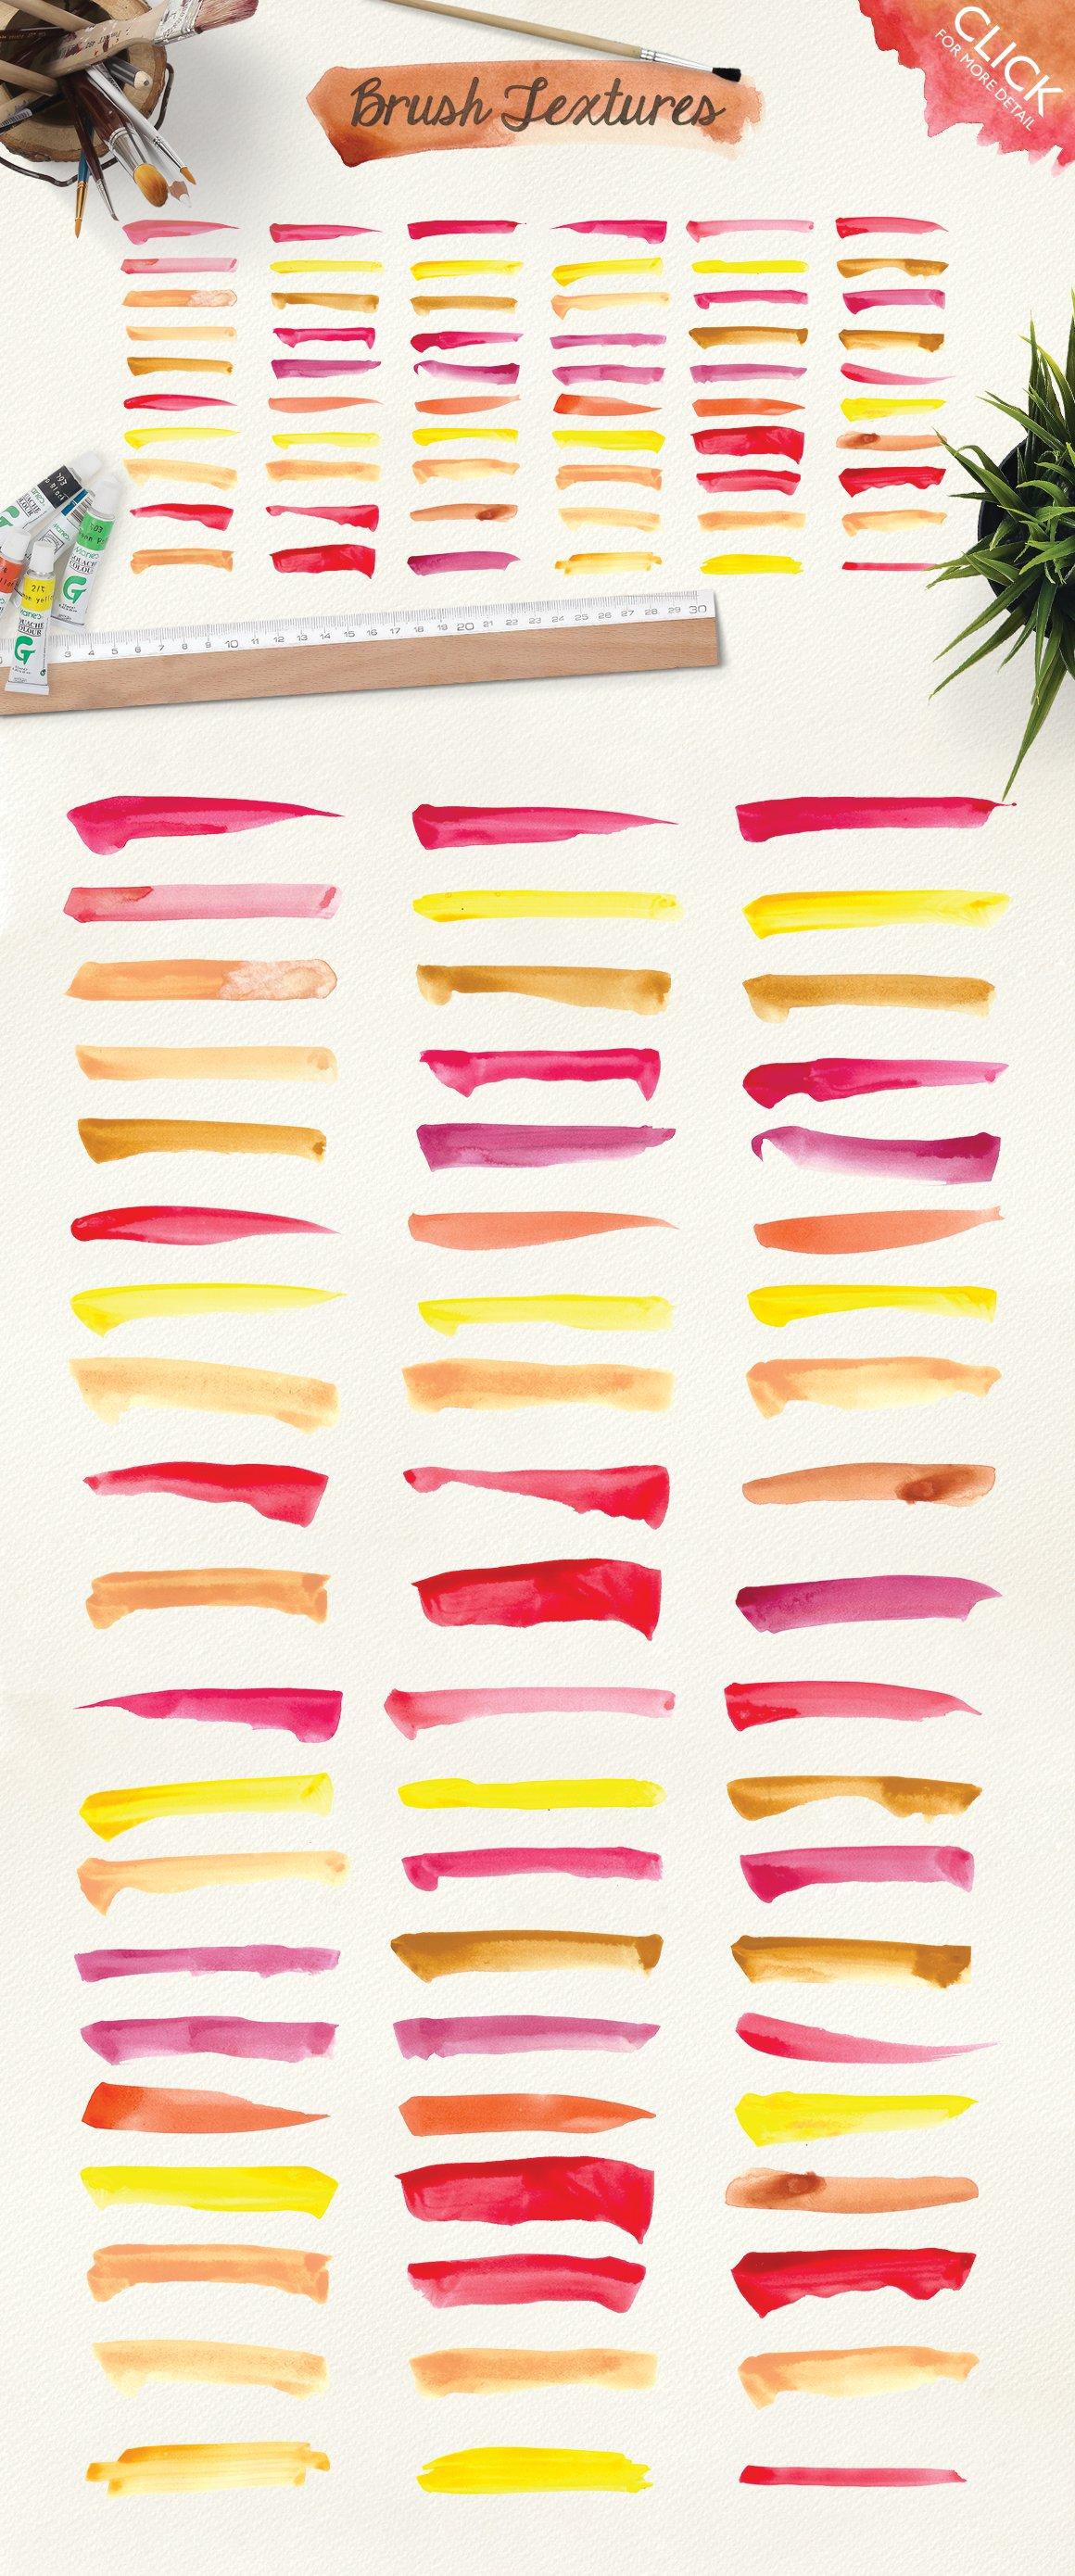 500款高清多彩水墨水彩背景纹理图片素材 500 Watercolor Textures Packs插图(2)